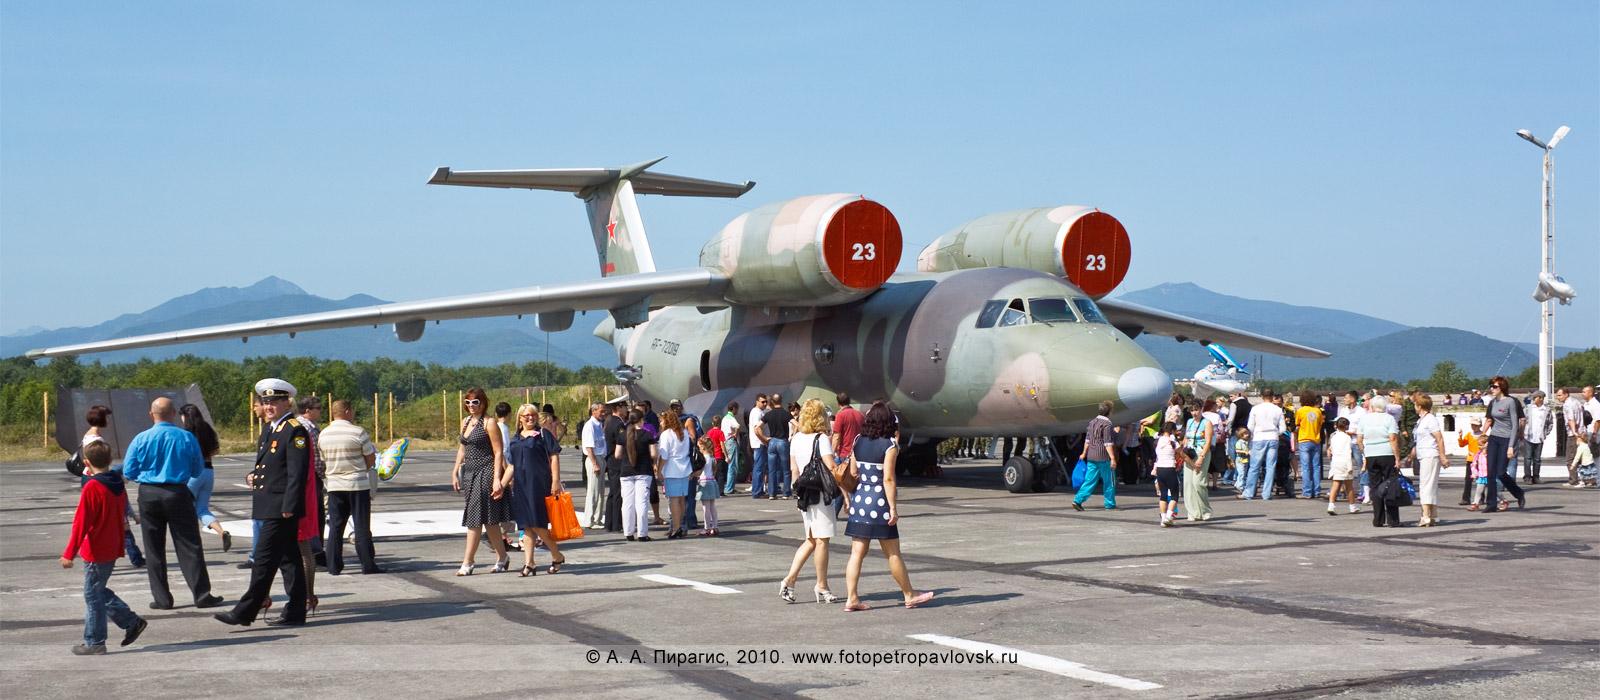 Фотография: Камчатка — День авиации РФ: авиавыставка — жители Камчатского края и морской патрульный самолет Ан-72П